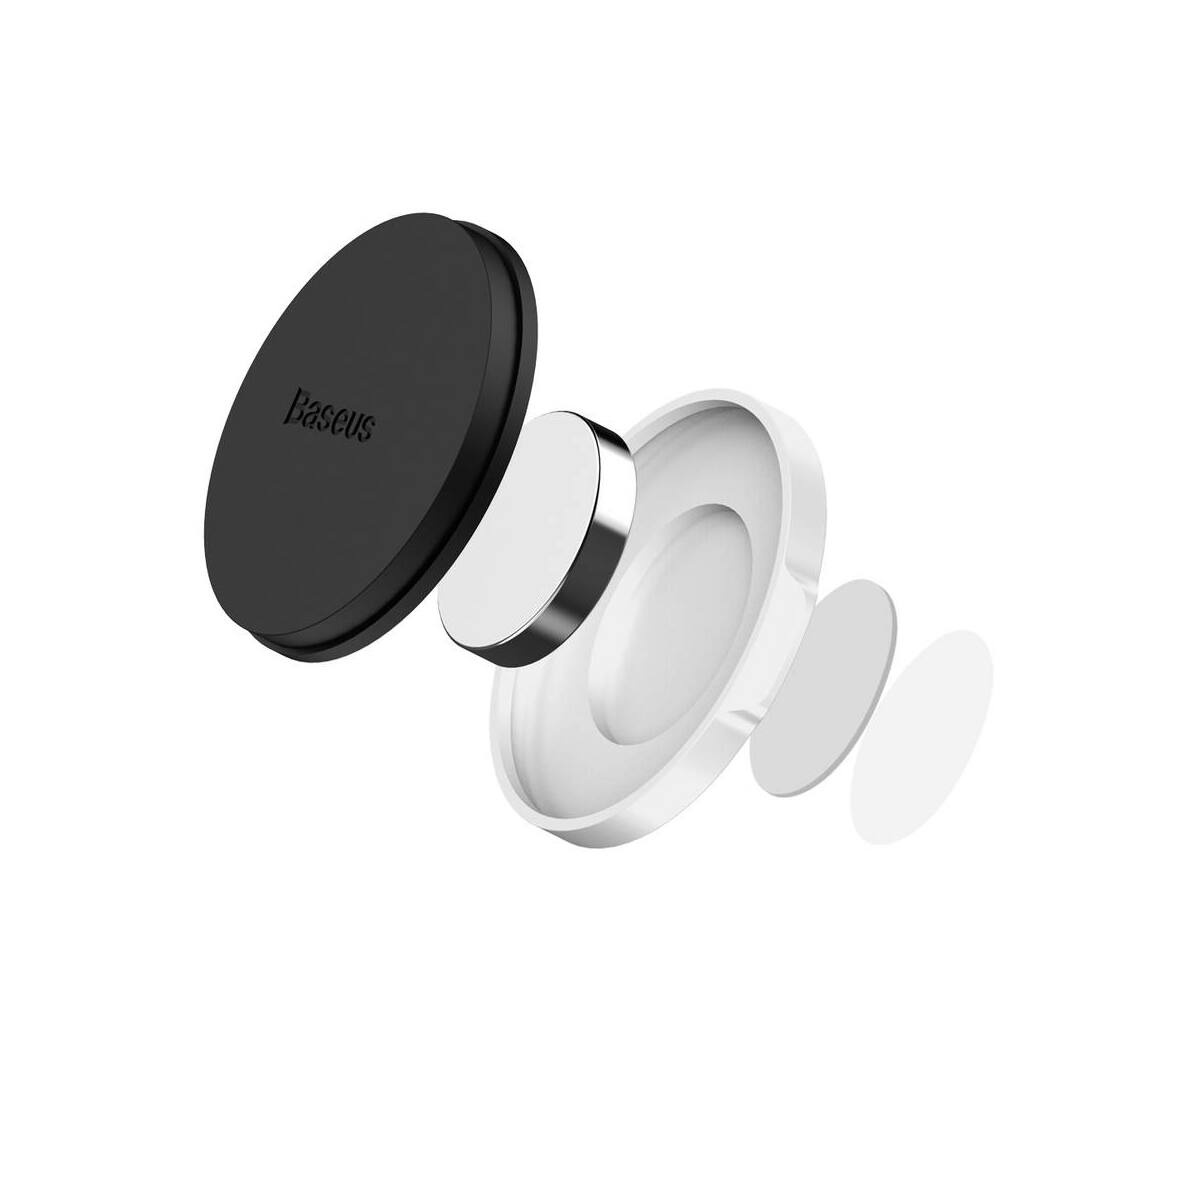 Baseus autós telefontartó, Small Ears series mágneses, sík felületre, ezüst (SUER-C0S)